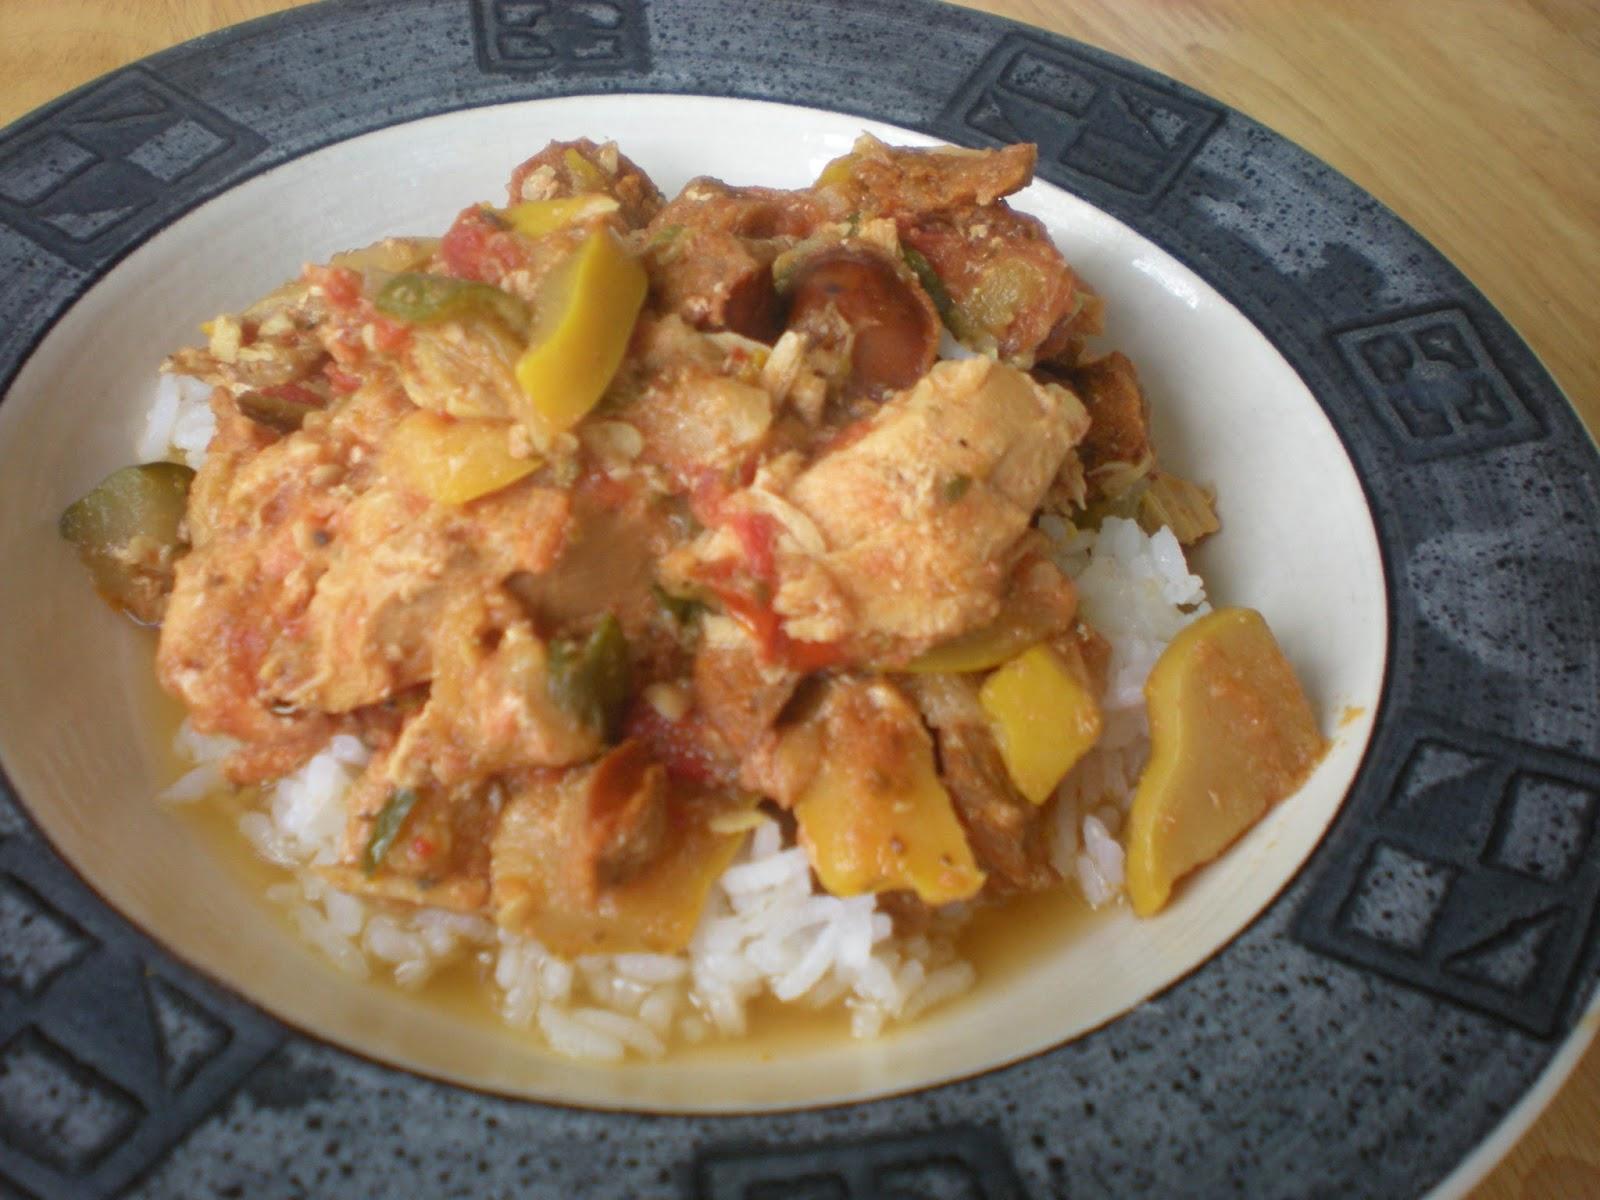 Spicy Sausage, Chicken and Summer Squash Slop | My Paleo CrockPot